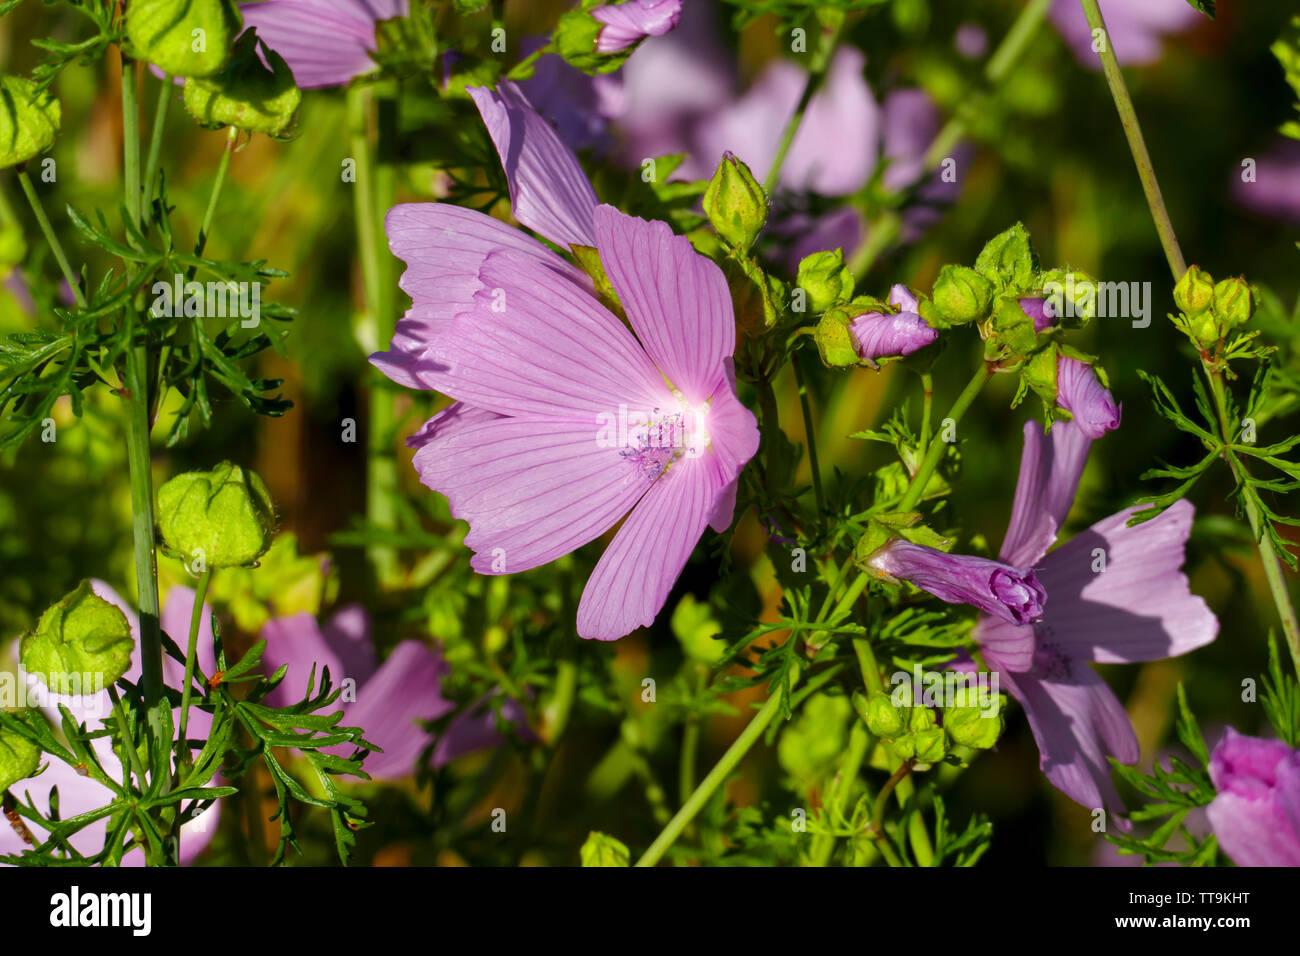 Moschus Malve, blüht in der Natur, auf einer Wiese im Sommer Stock Photo